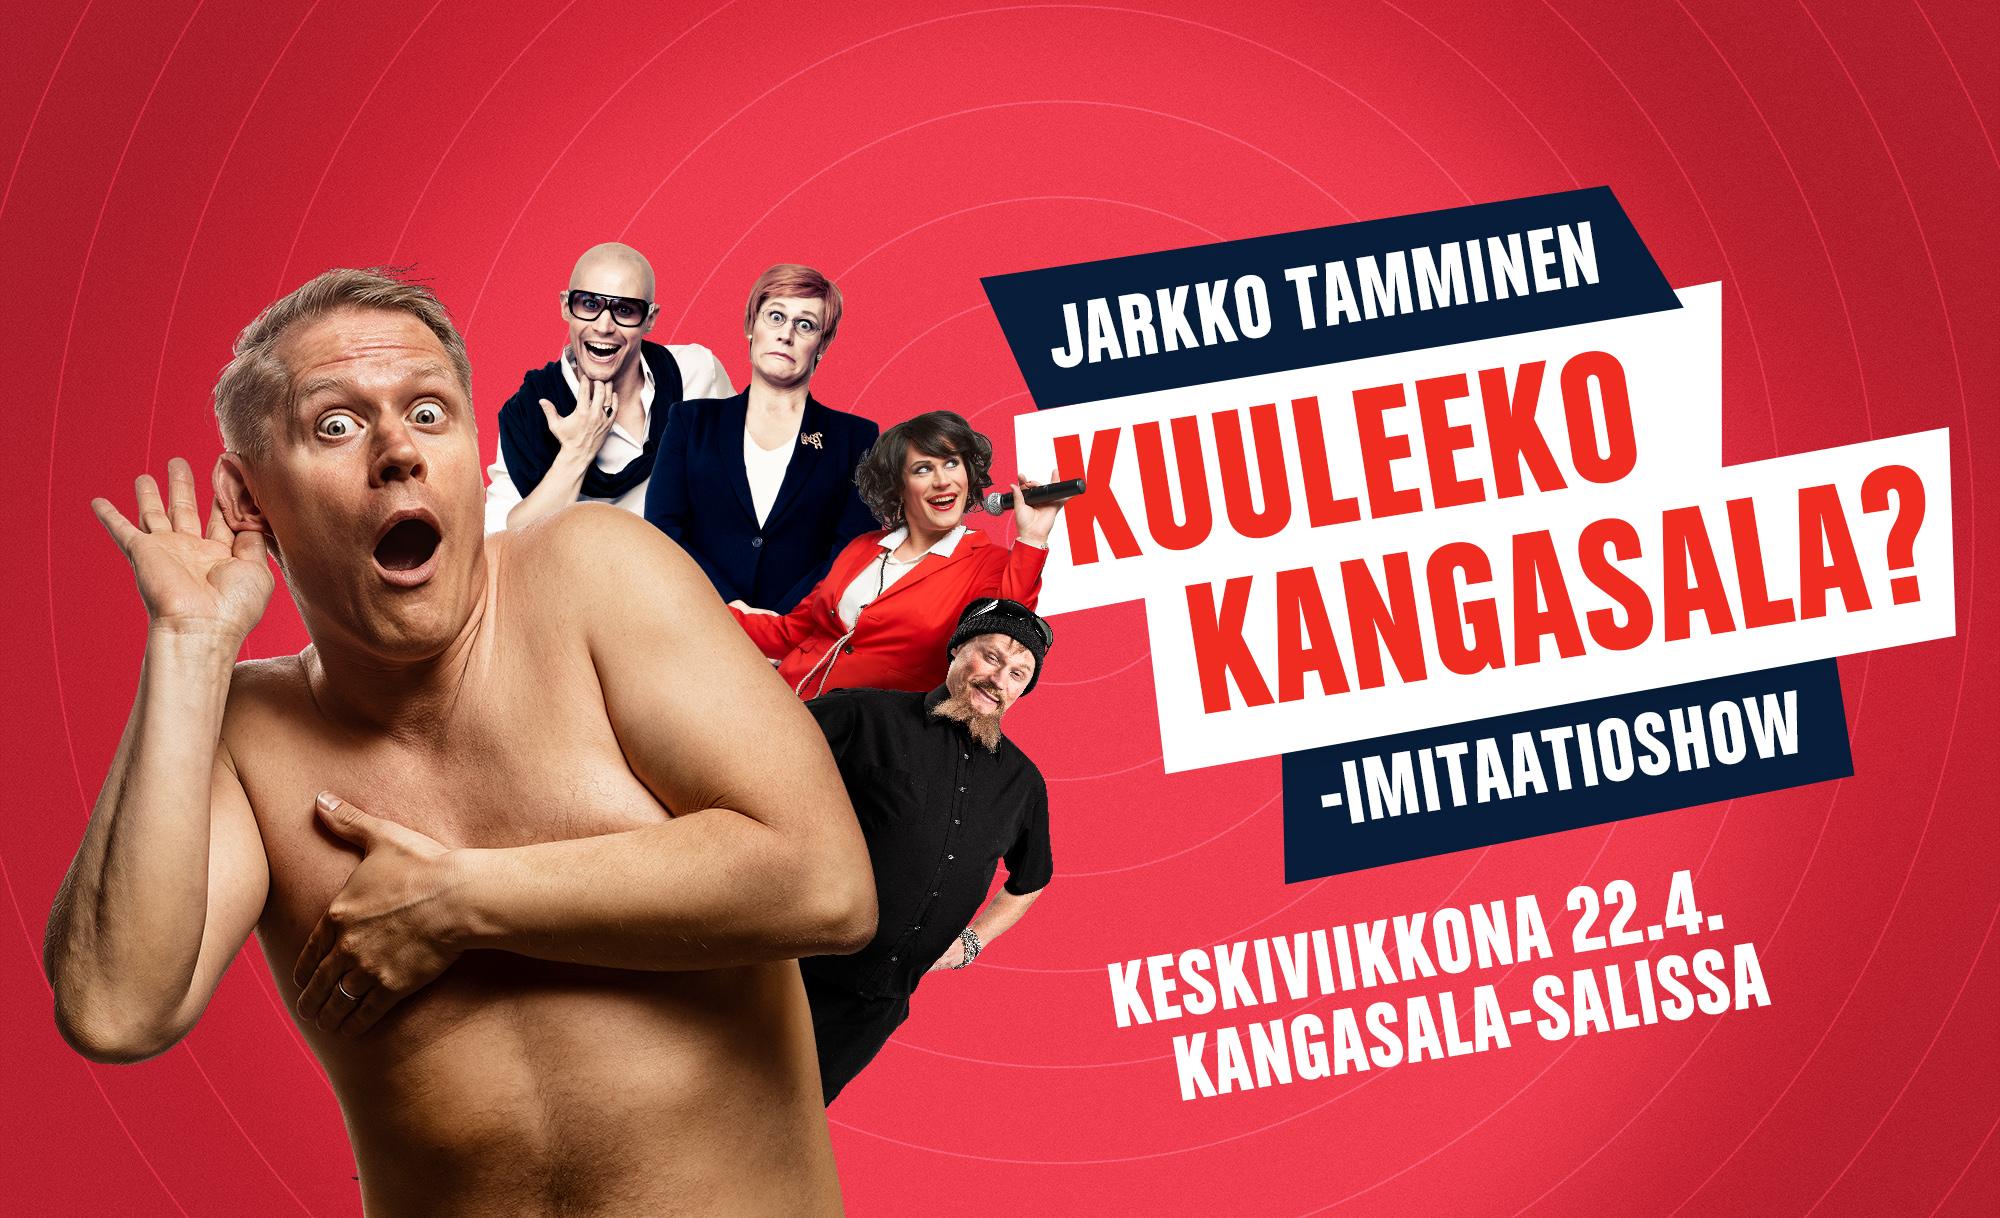 Jarkko Tammisen Kuuleeko Kangasala? -imitaatioshow Kangasala-talossa huhtikuussa 2020.